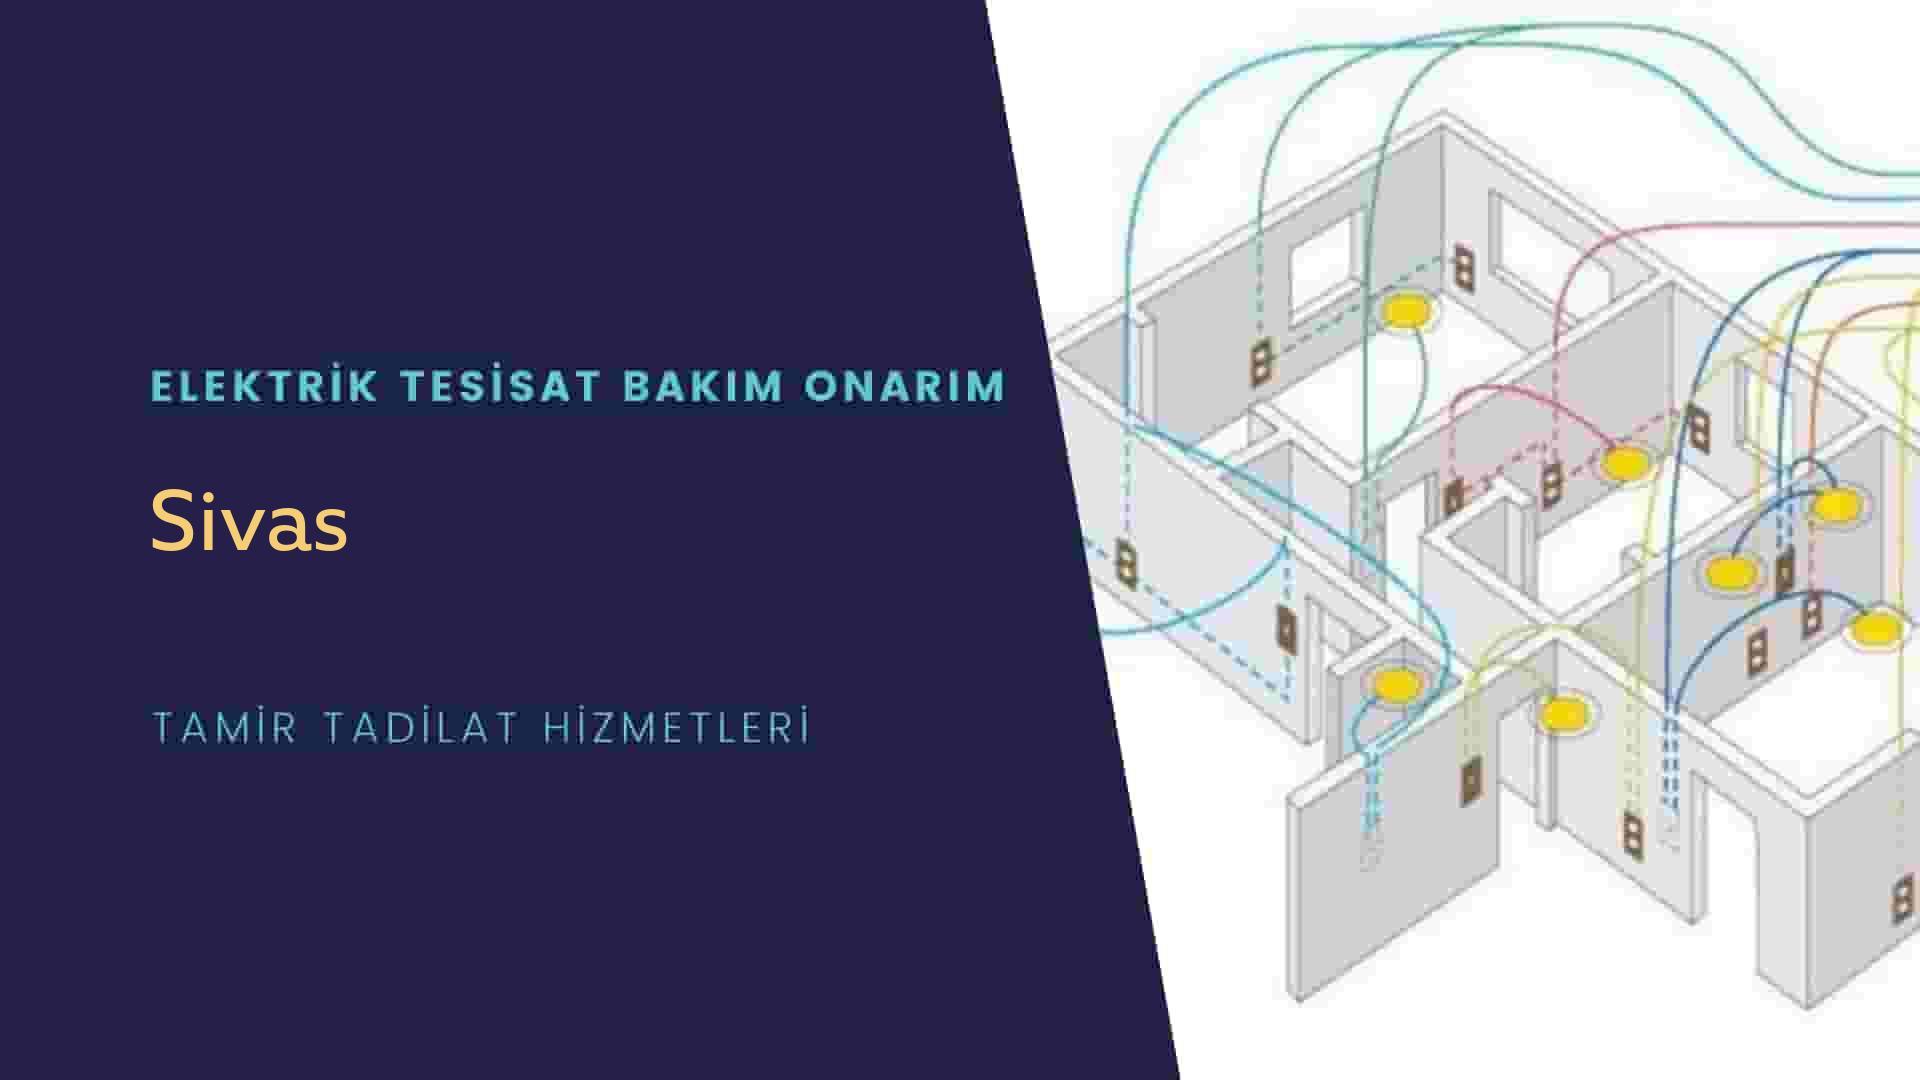 Sivas'ta elektrik tesisatıustalarımı arıyorsunuz doğru adrestenizi Sivas elektrik tesisatı ustalarımız 7/24 sizlere hizmet vermekten mutluluk duyar.